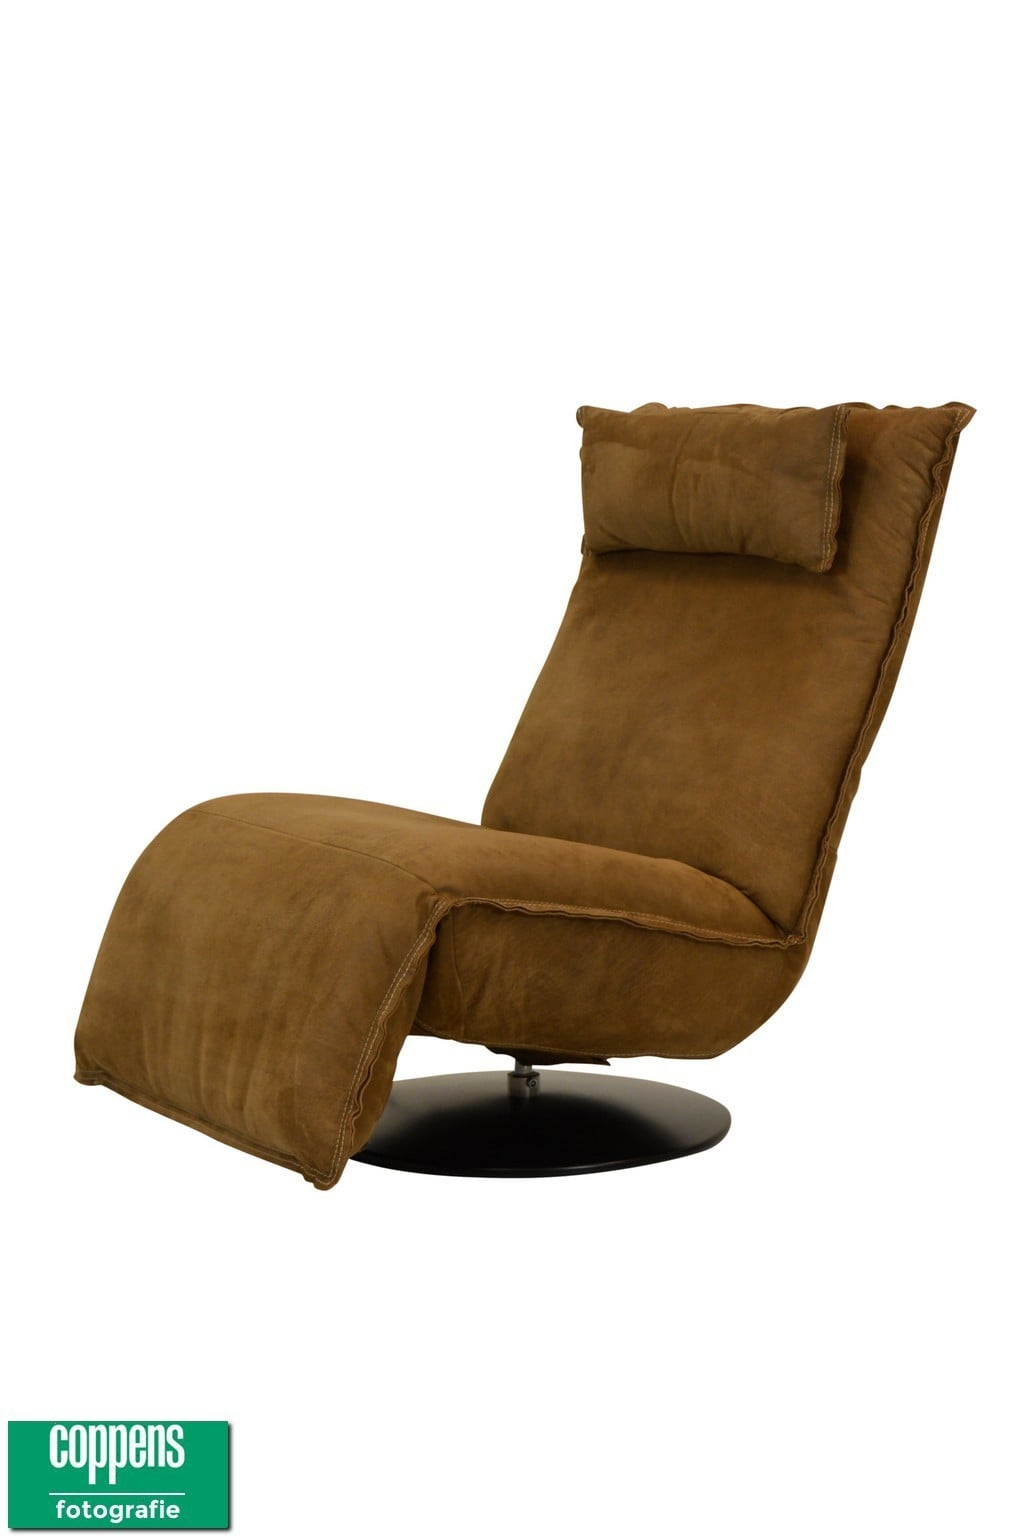 Relaxstoel Voor Binnen.Relaxfauteuil Indi Relaxfauteuil Indi